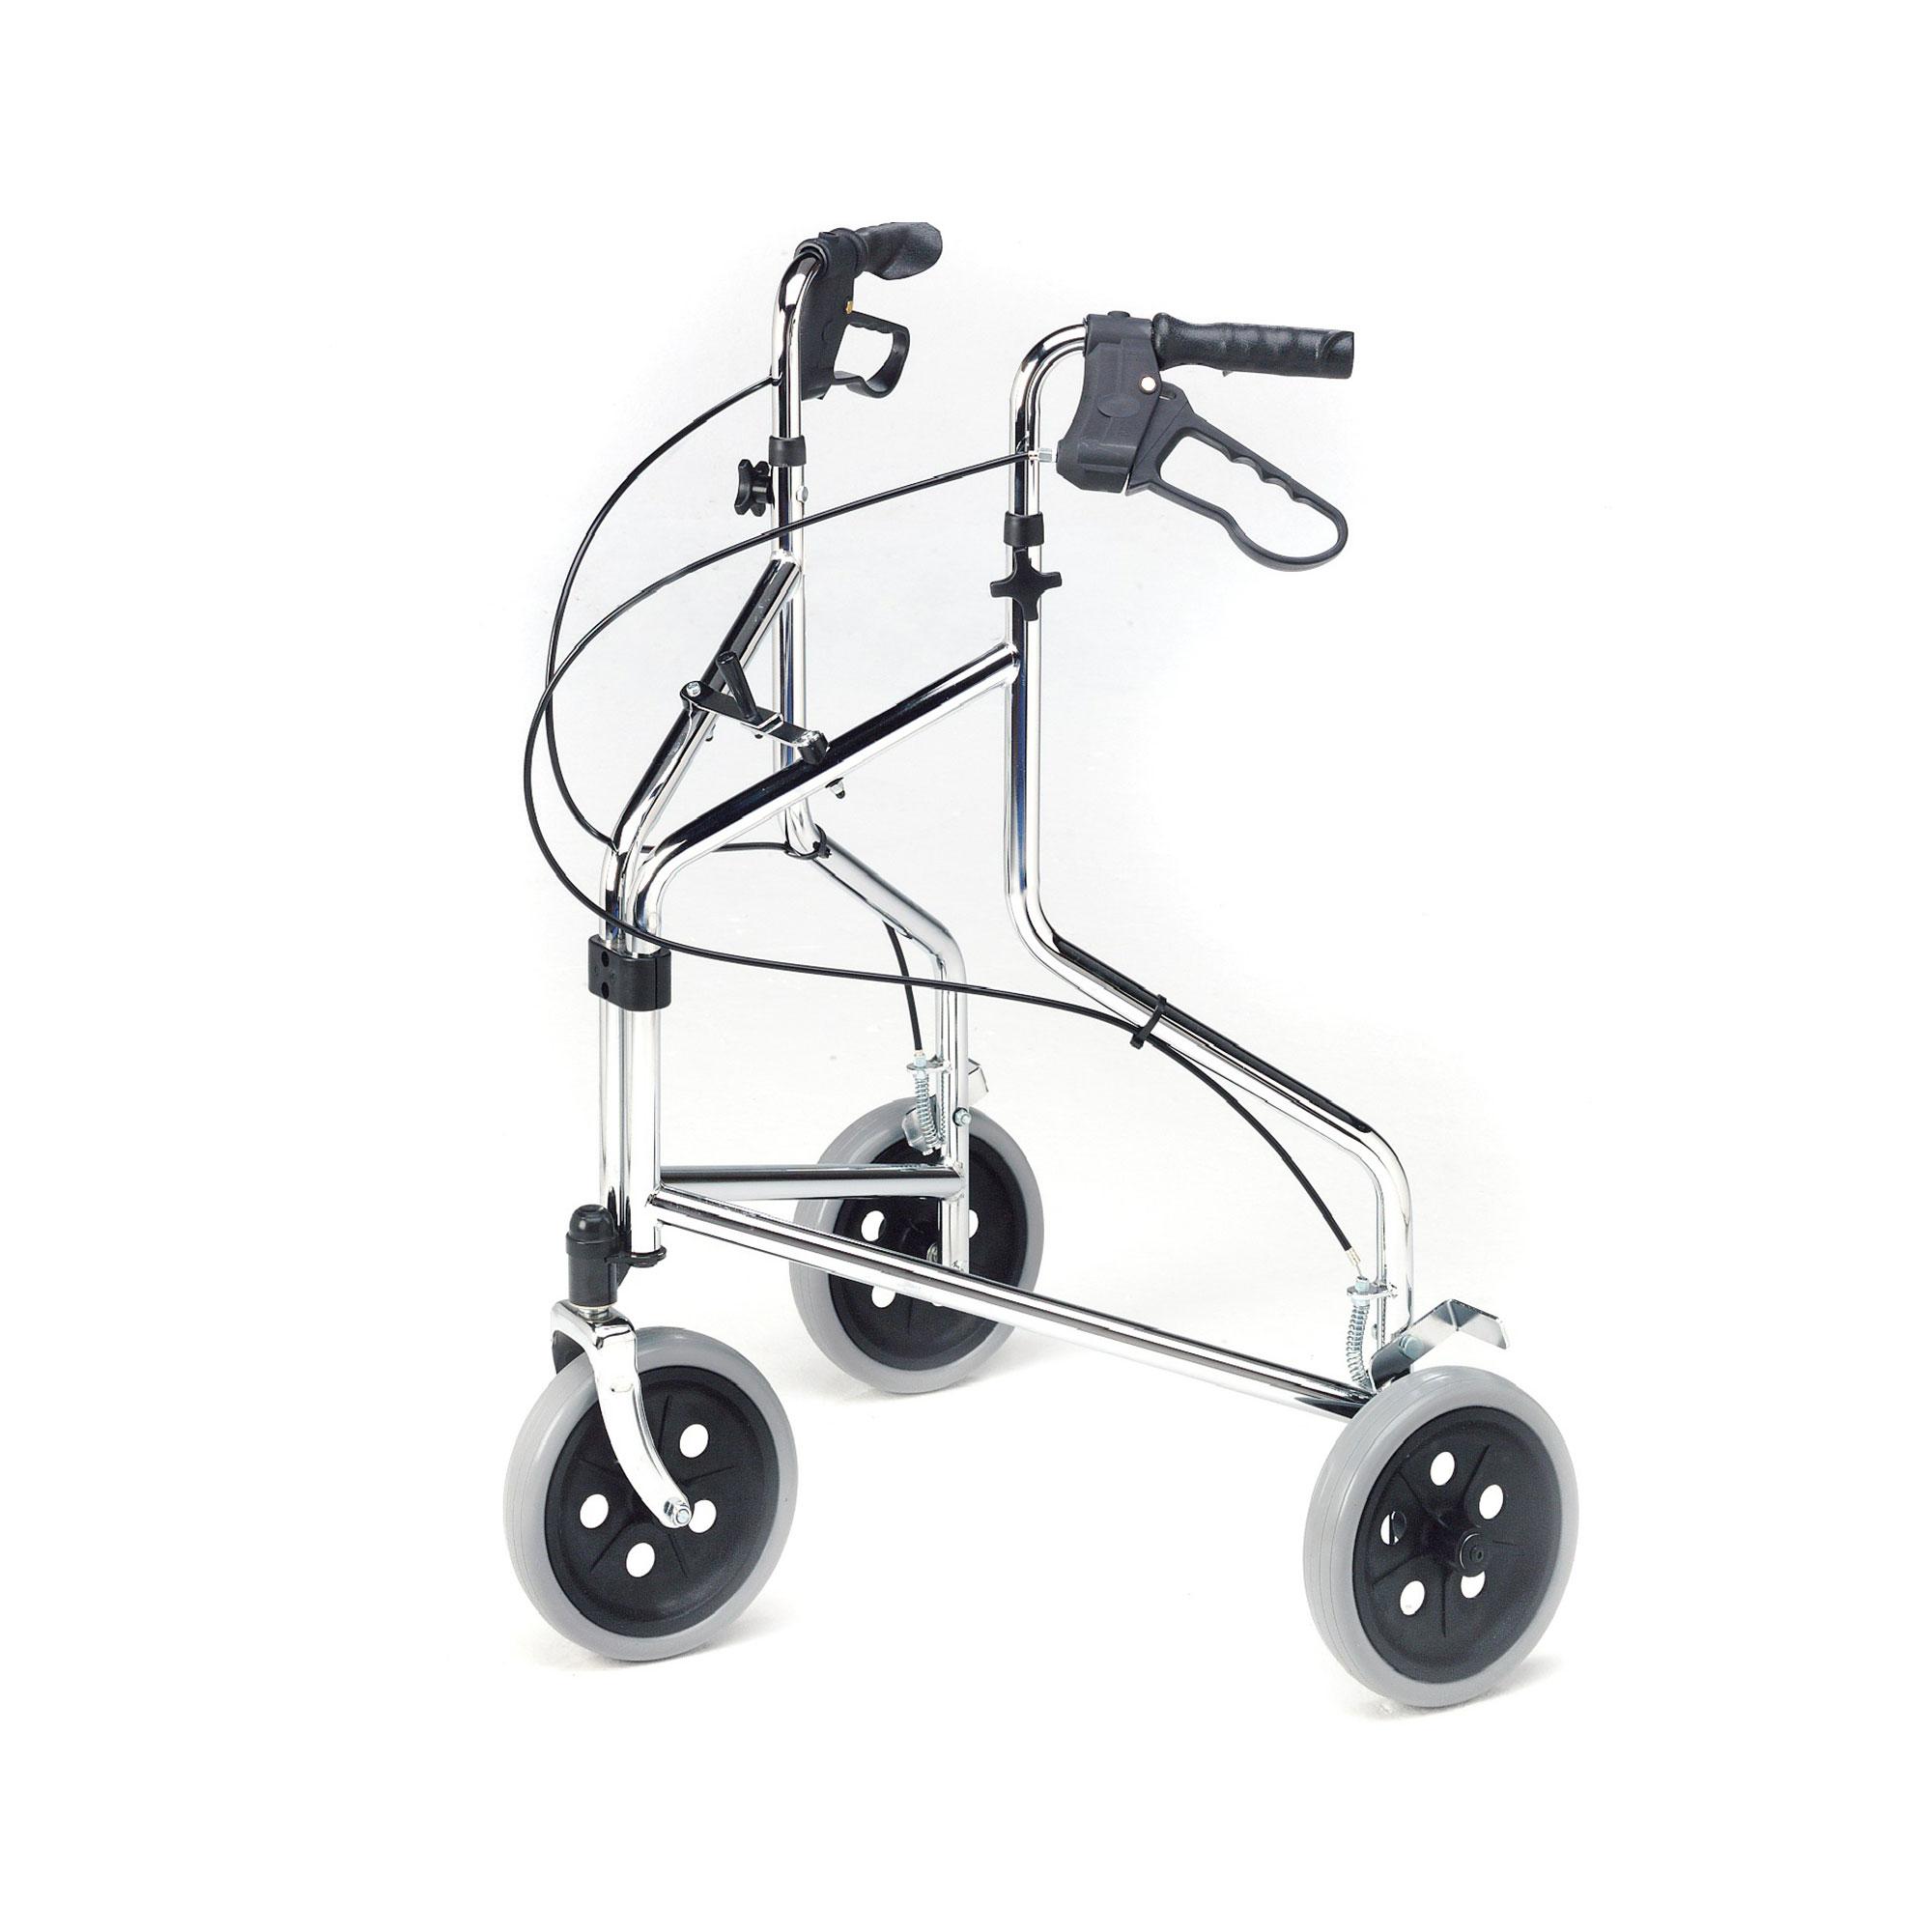 2320 : Tri-Wheel Walker with Loop Brakes - Roma Medical